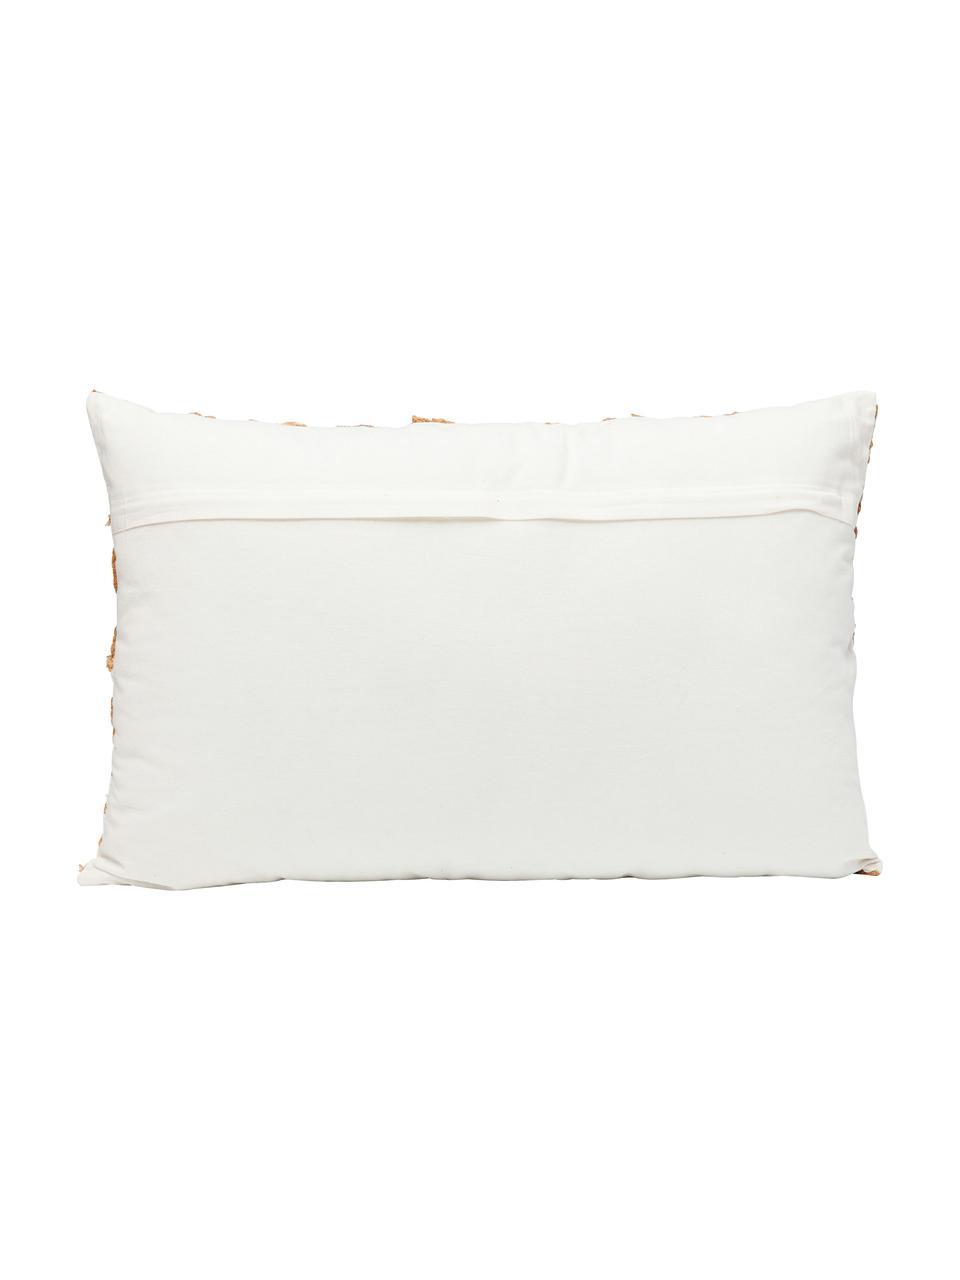 Haftowana poduszka z wypełnieniem Ethno Eye, Tapicerka: 100% bawełna, Biały, beżowy, niebieski, S 35 x D 55 cm